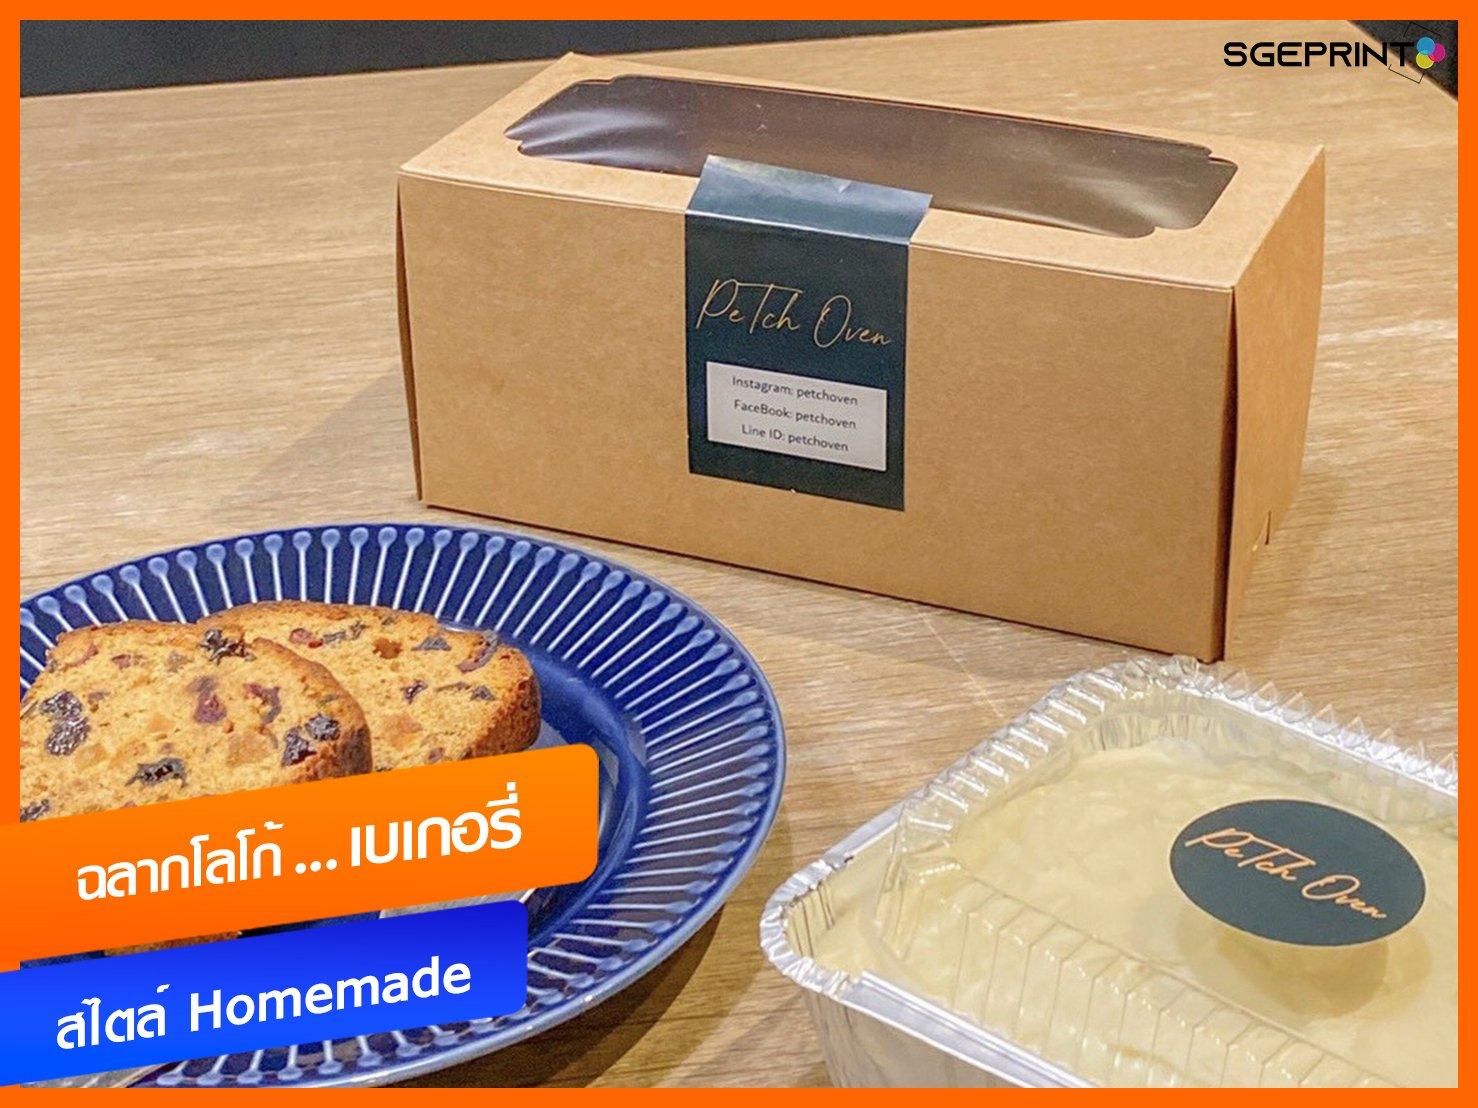 ลูกค้าฉลากHomemade-cake